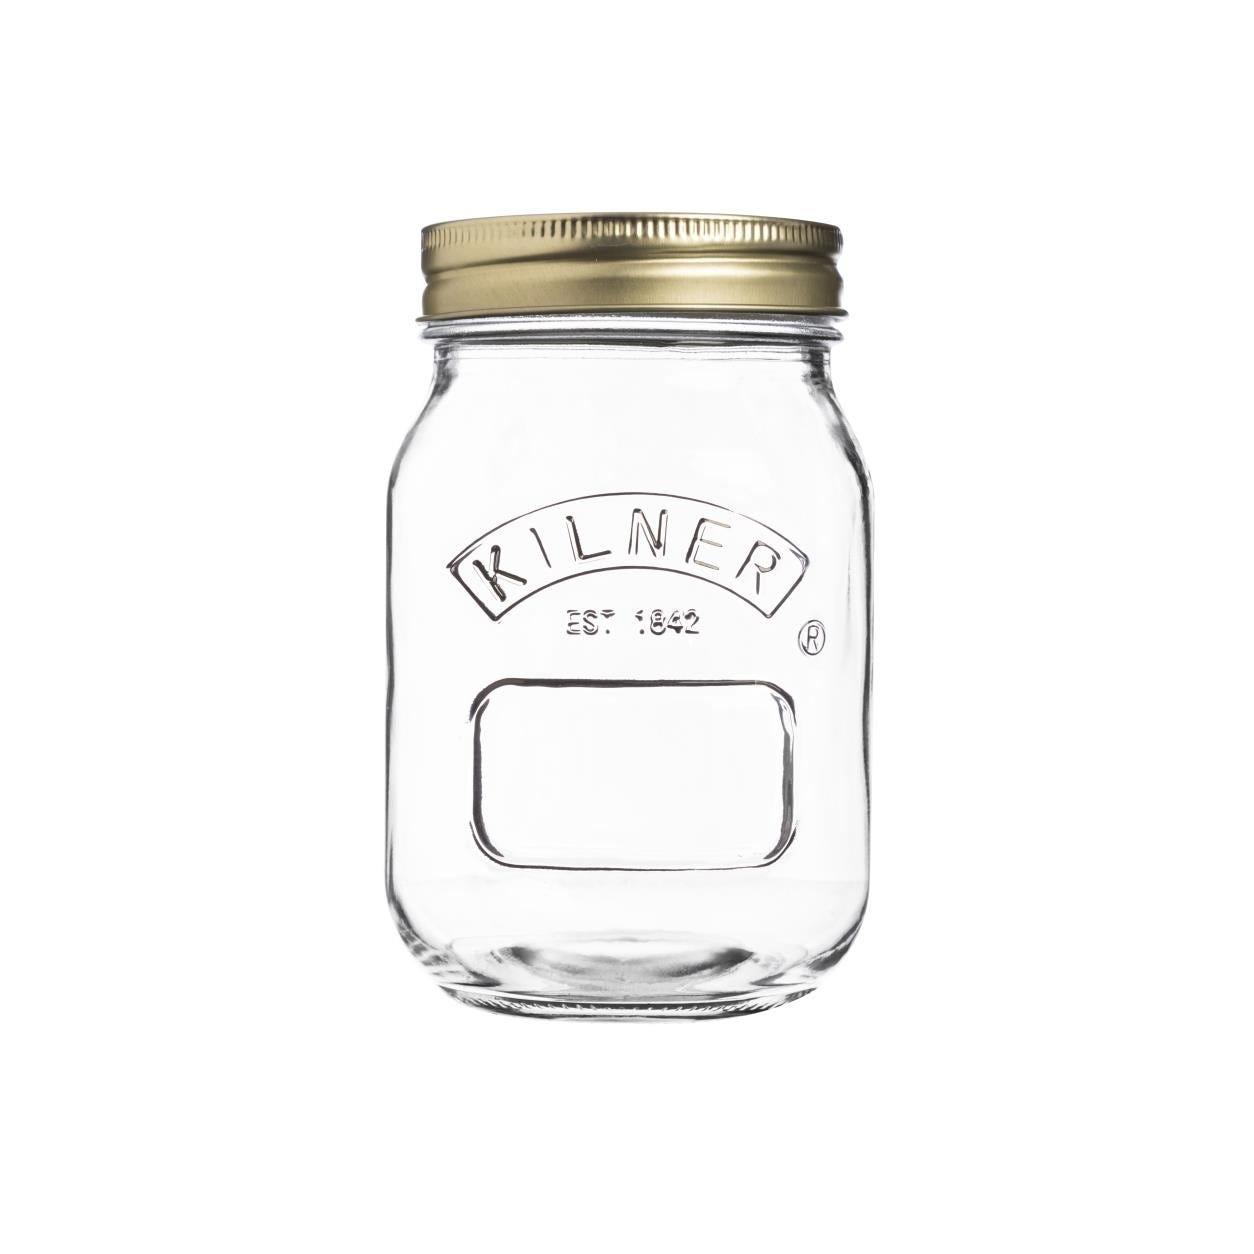 Compare prices for Kilner 500ml Screw Top Preserve Jar